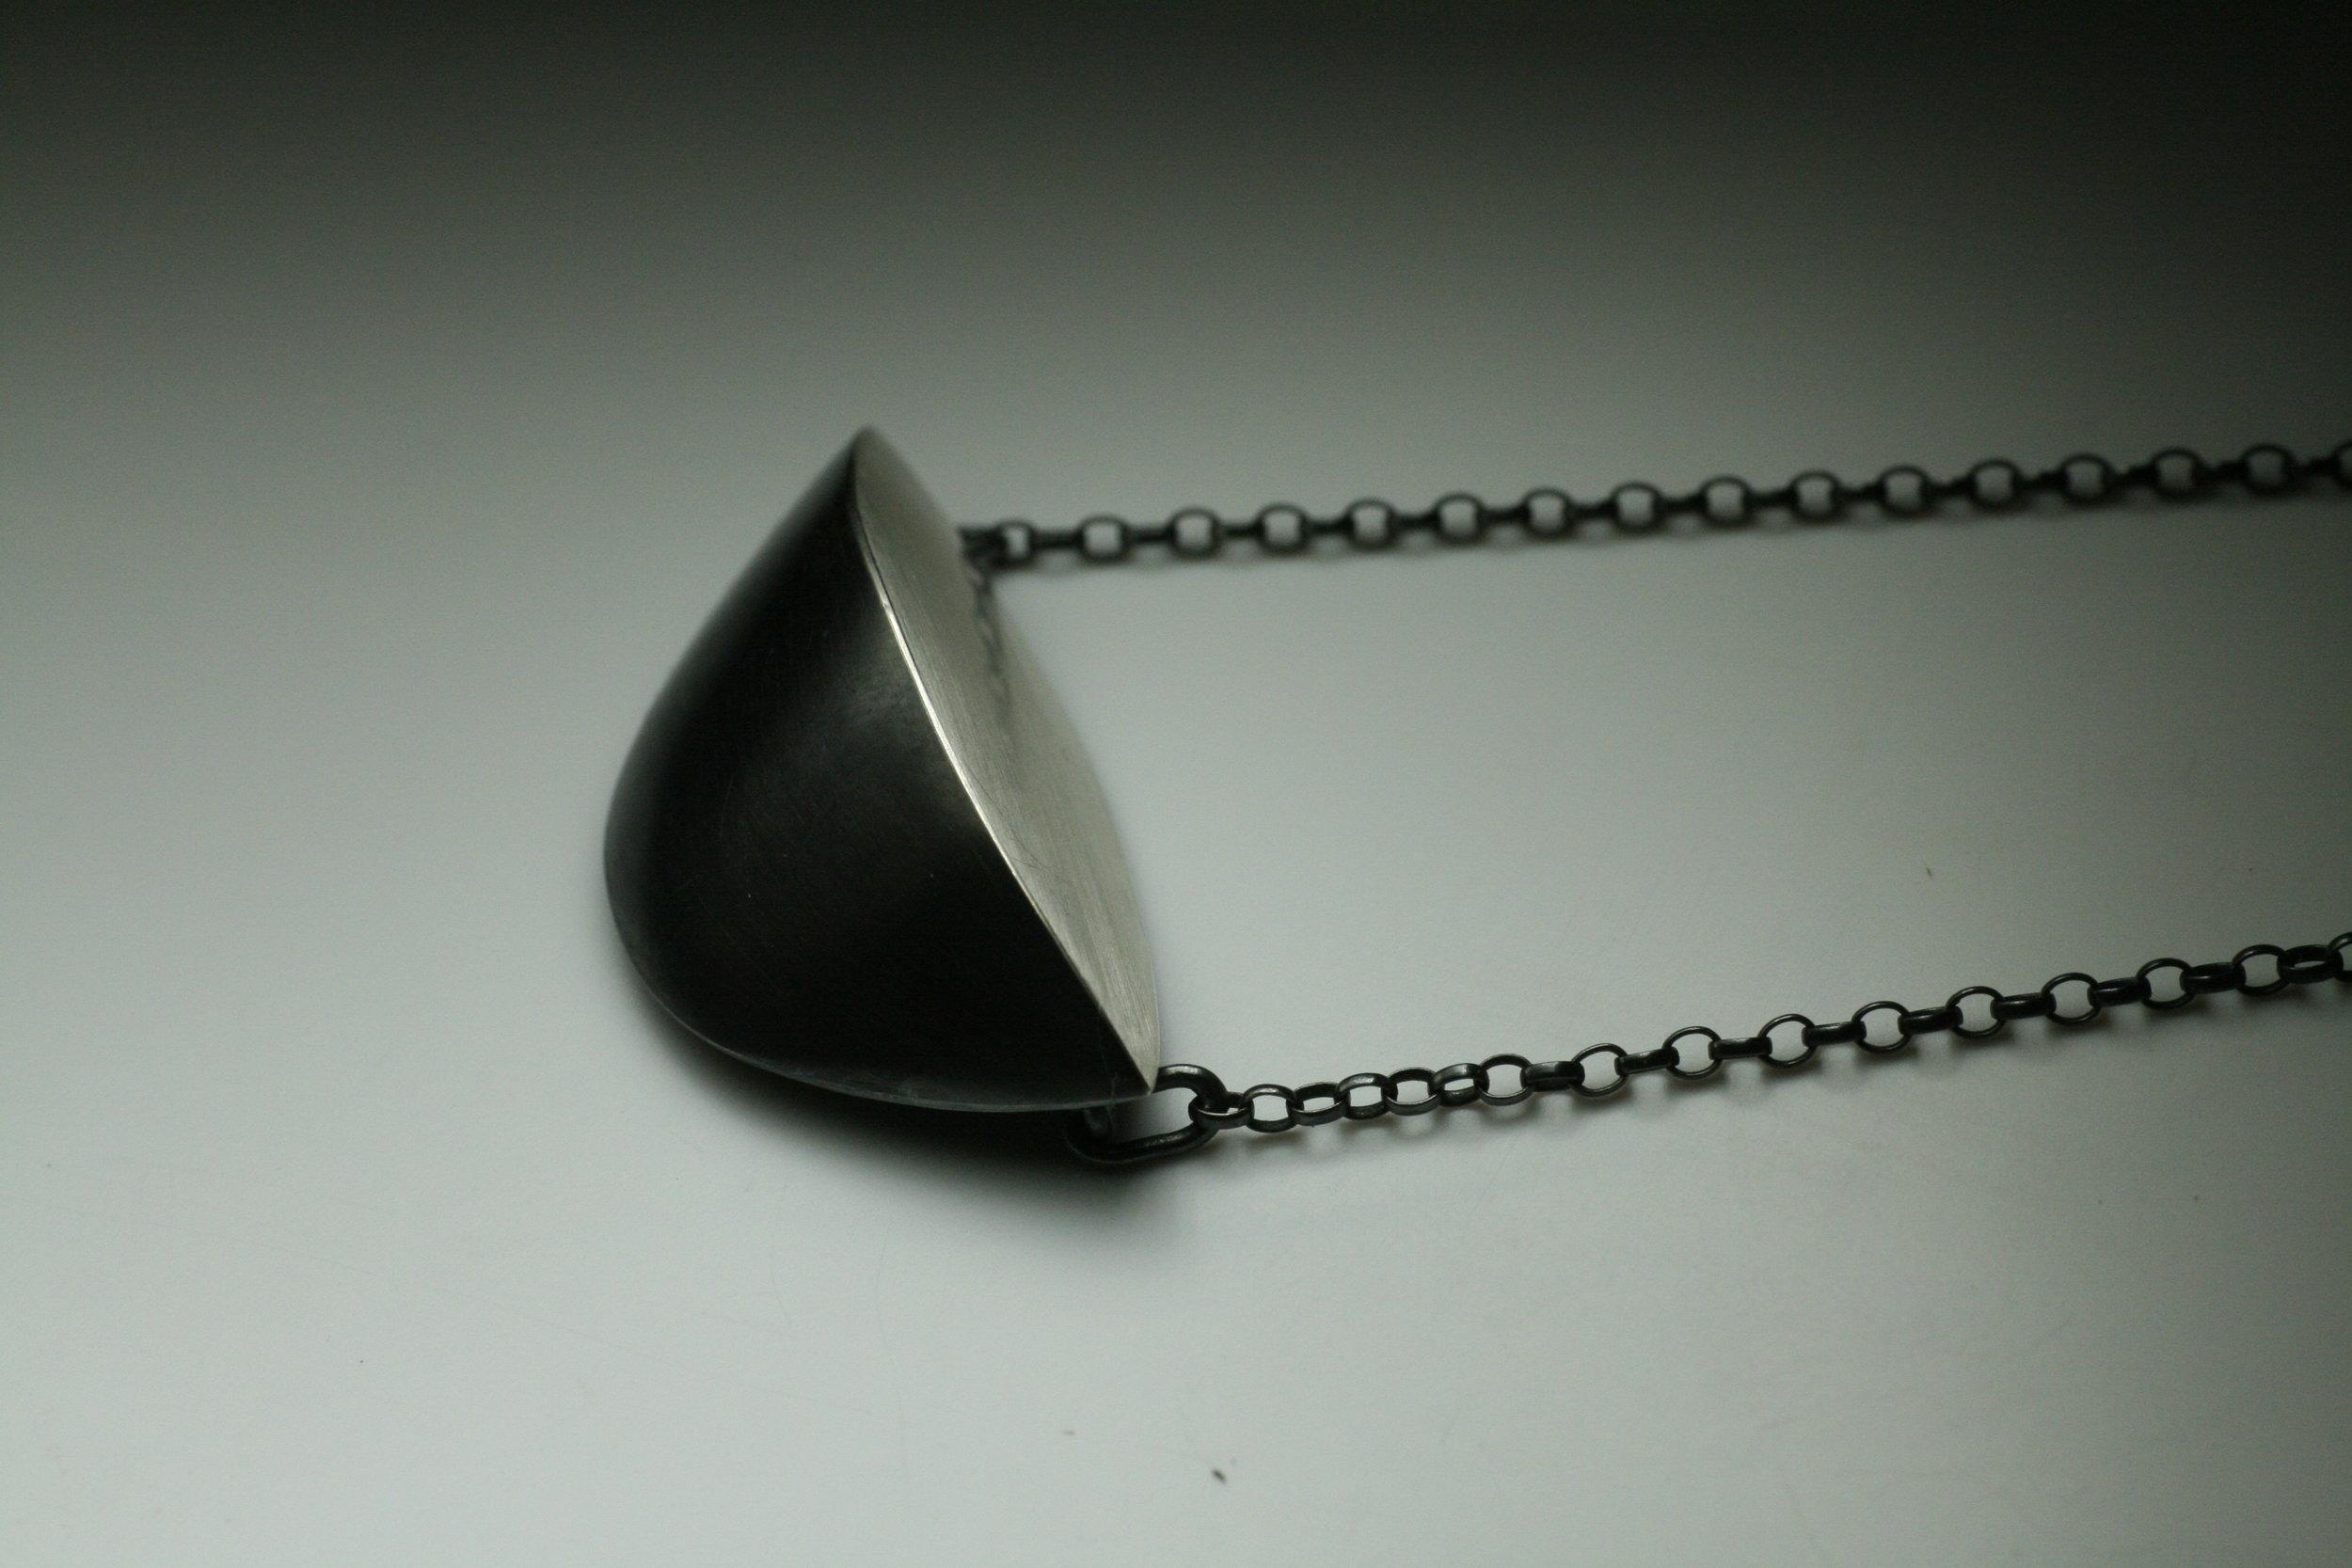 Ventifact necklace